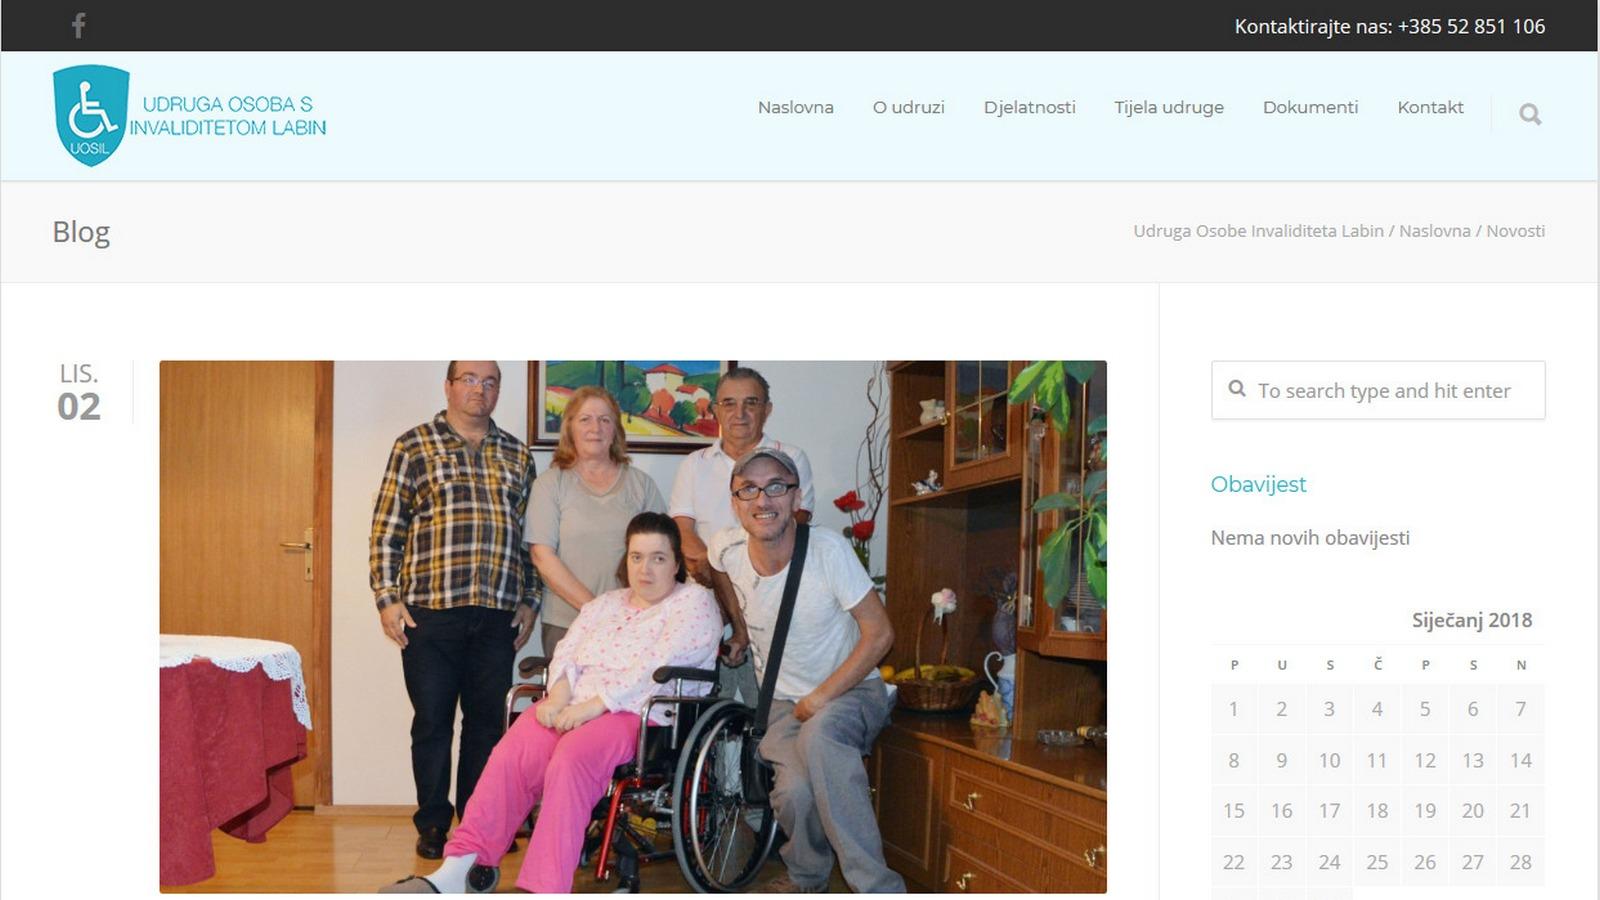 Udruga osoba s invaliditetom Labin